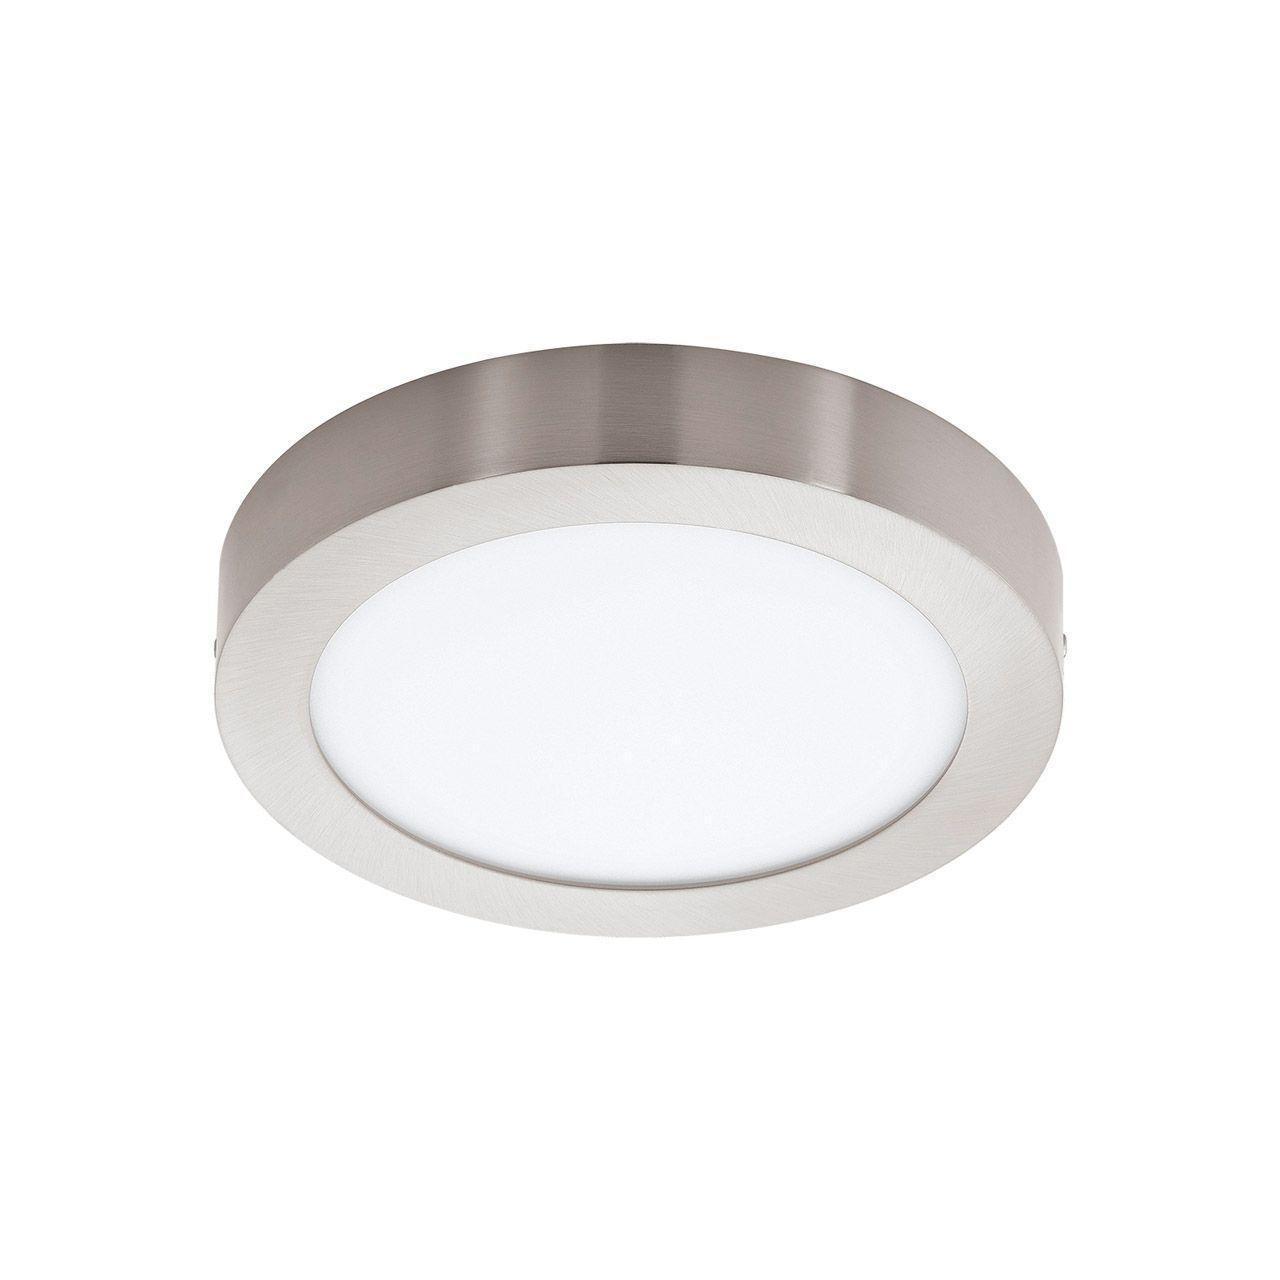 Потолочный светильник Eglo 32443, белый